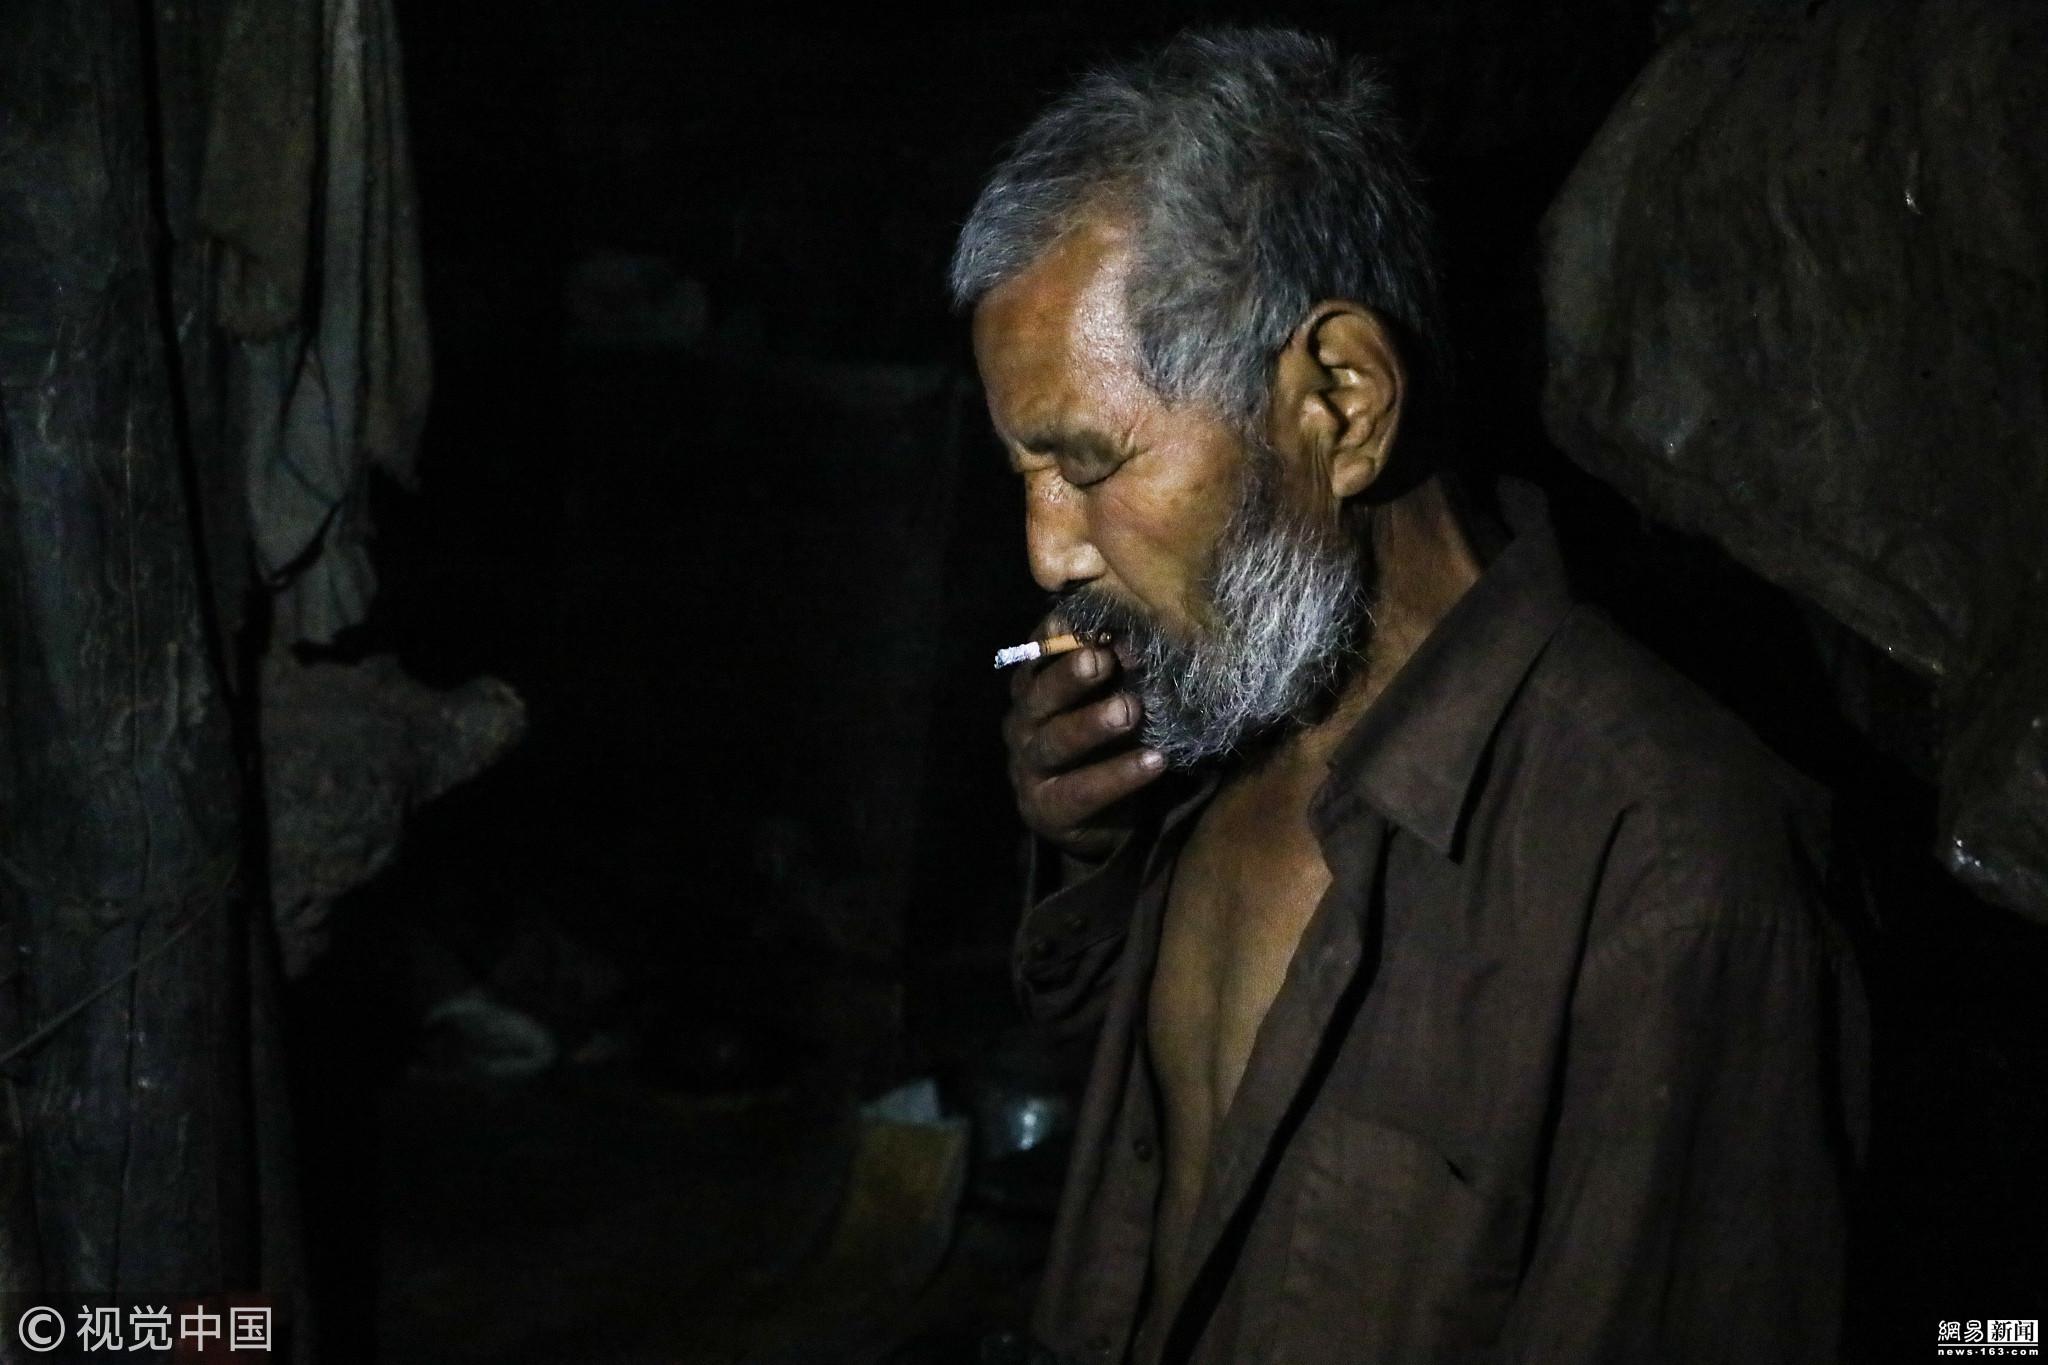 71岁山洞人光棍一辈子 住黑屋31年拒下山! - 周公乐 - xinhua8848 的博客